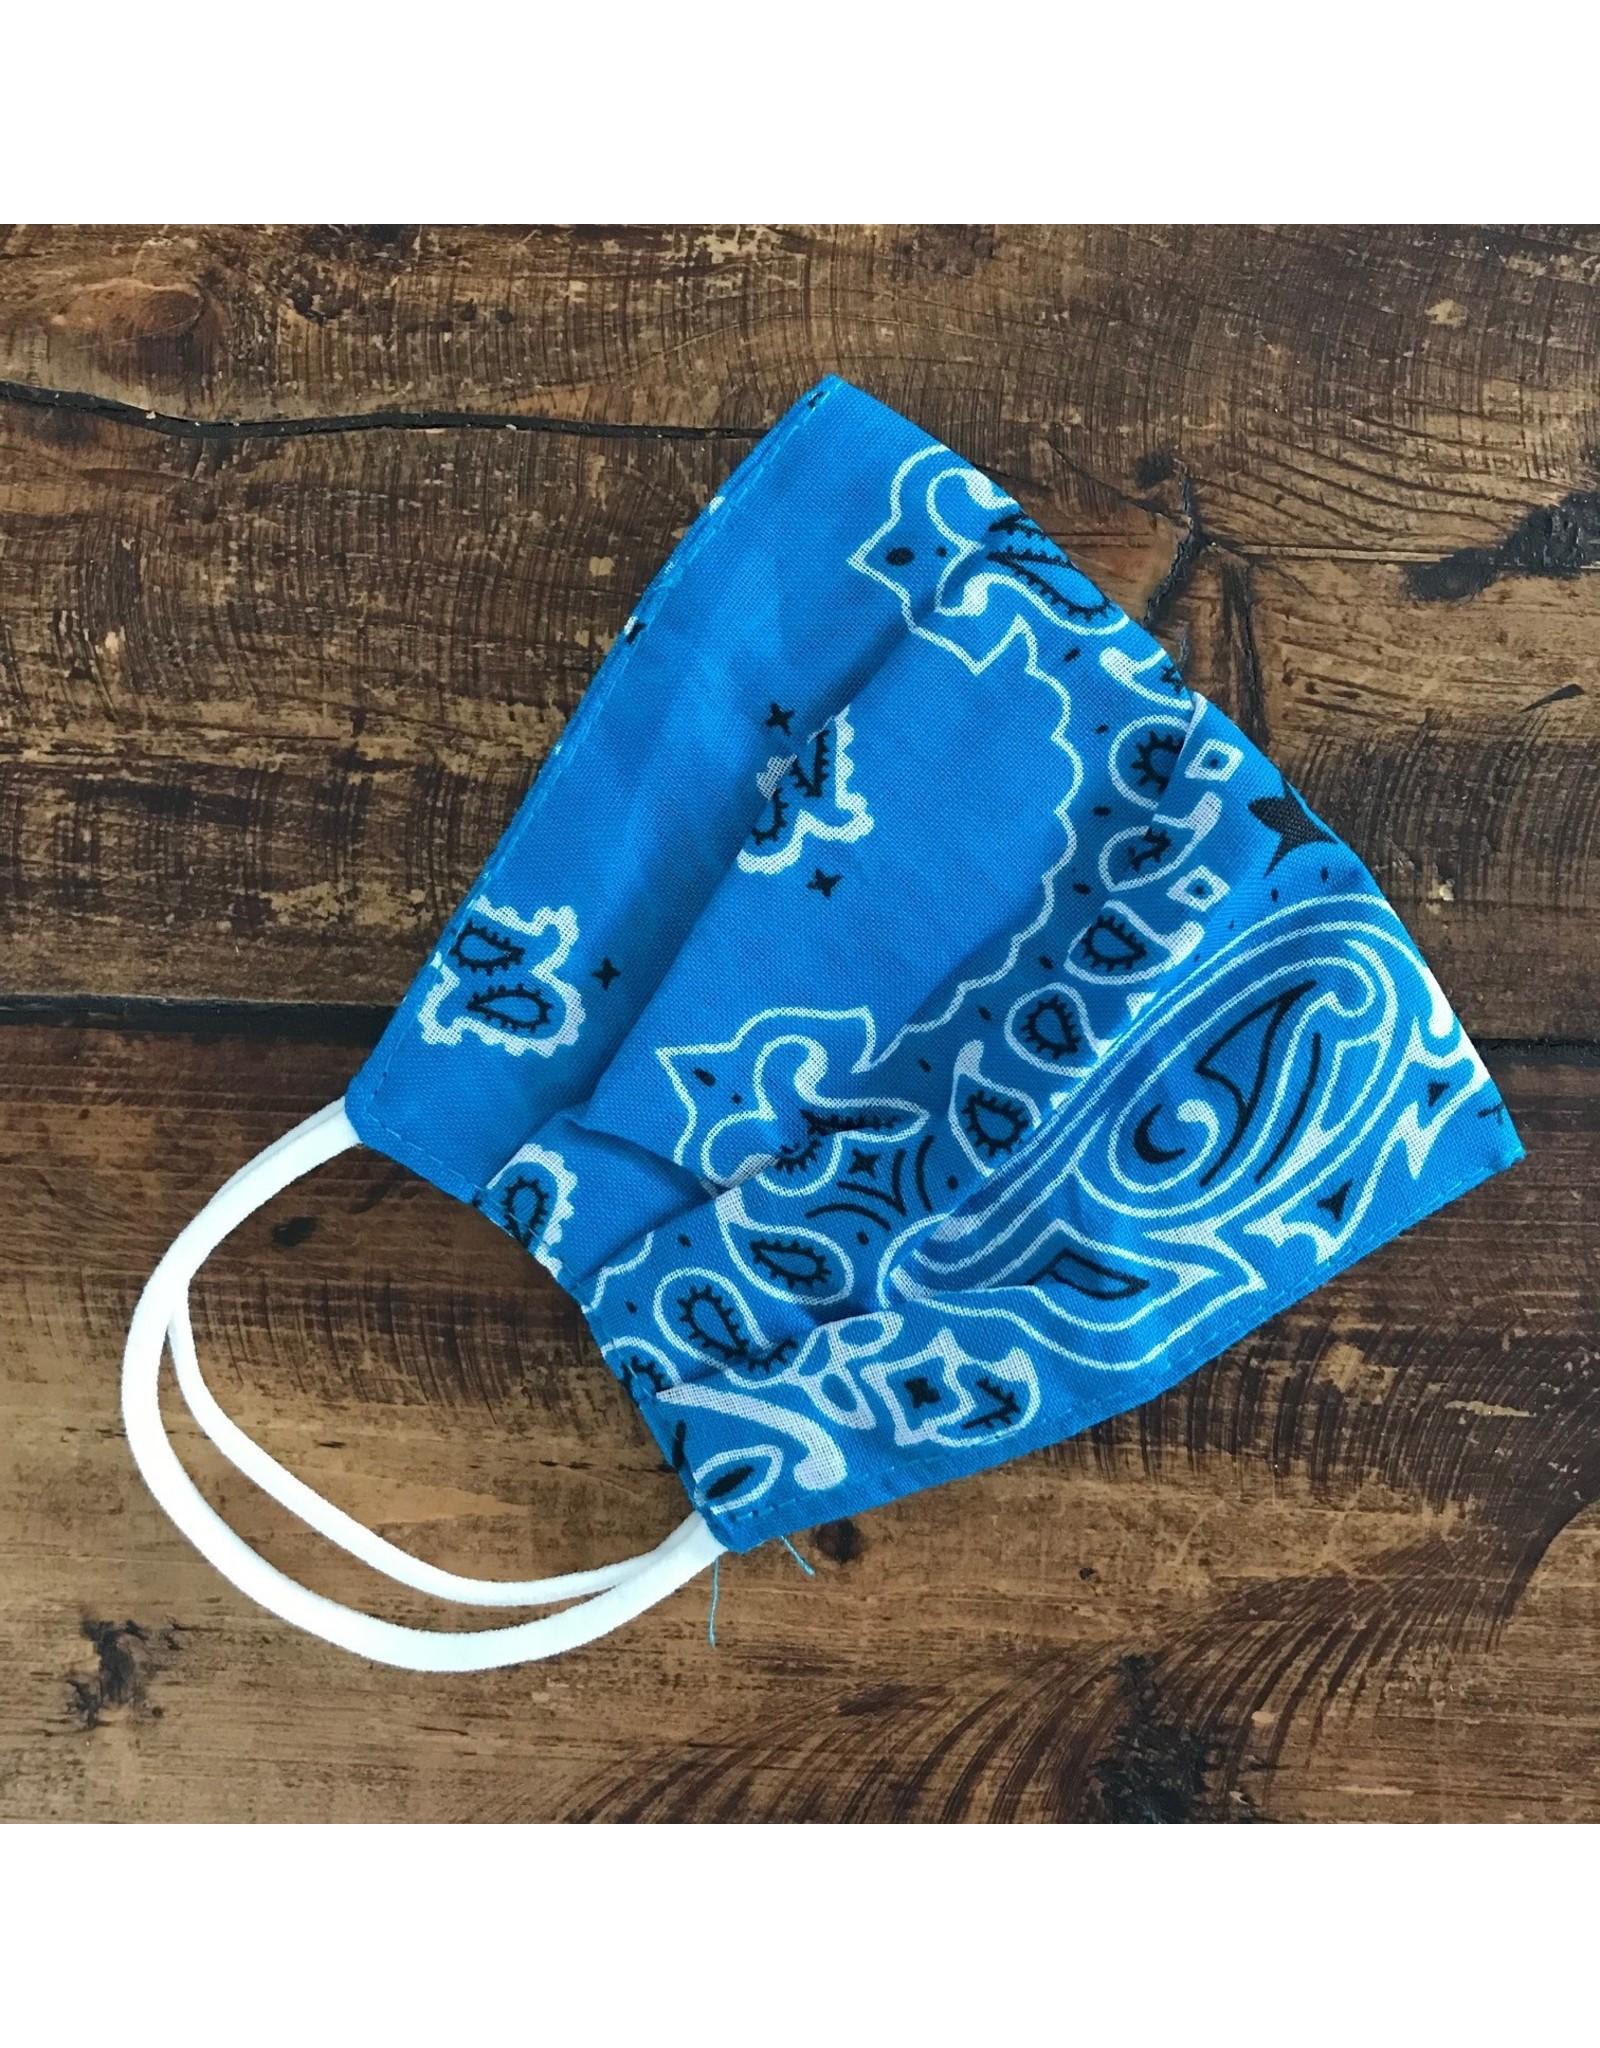 Bandana print face mask (turquoise)